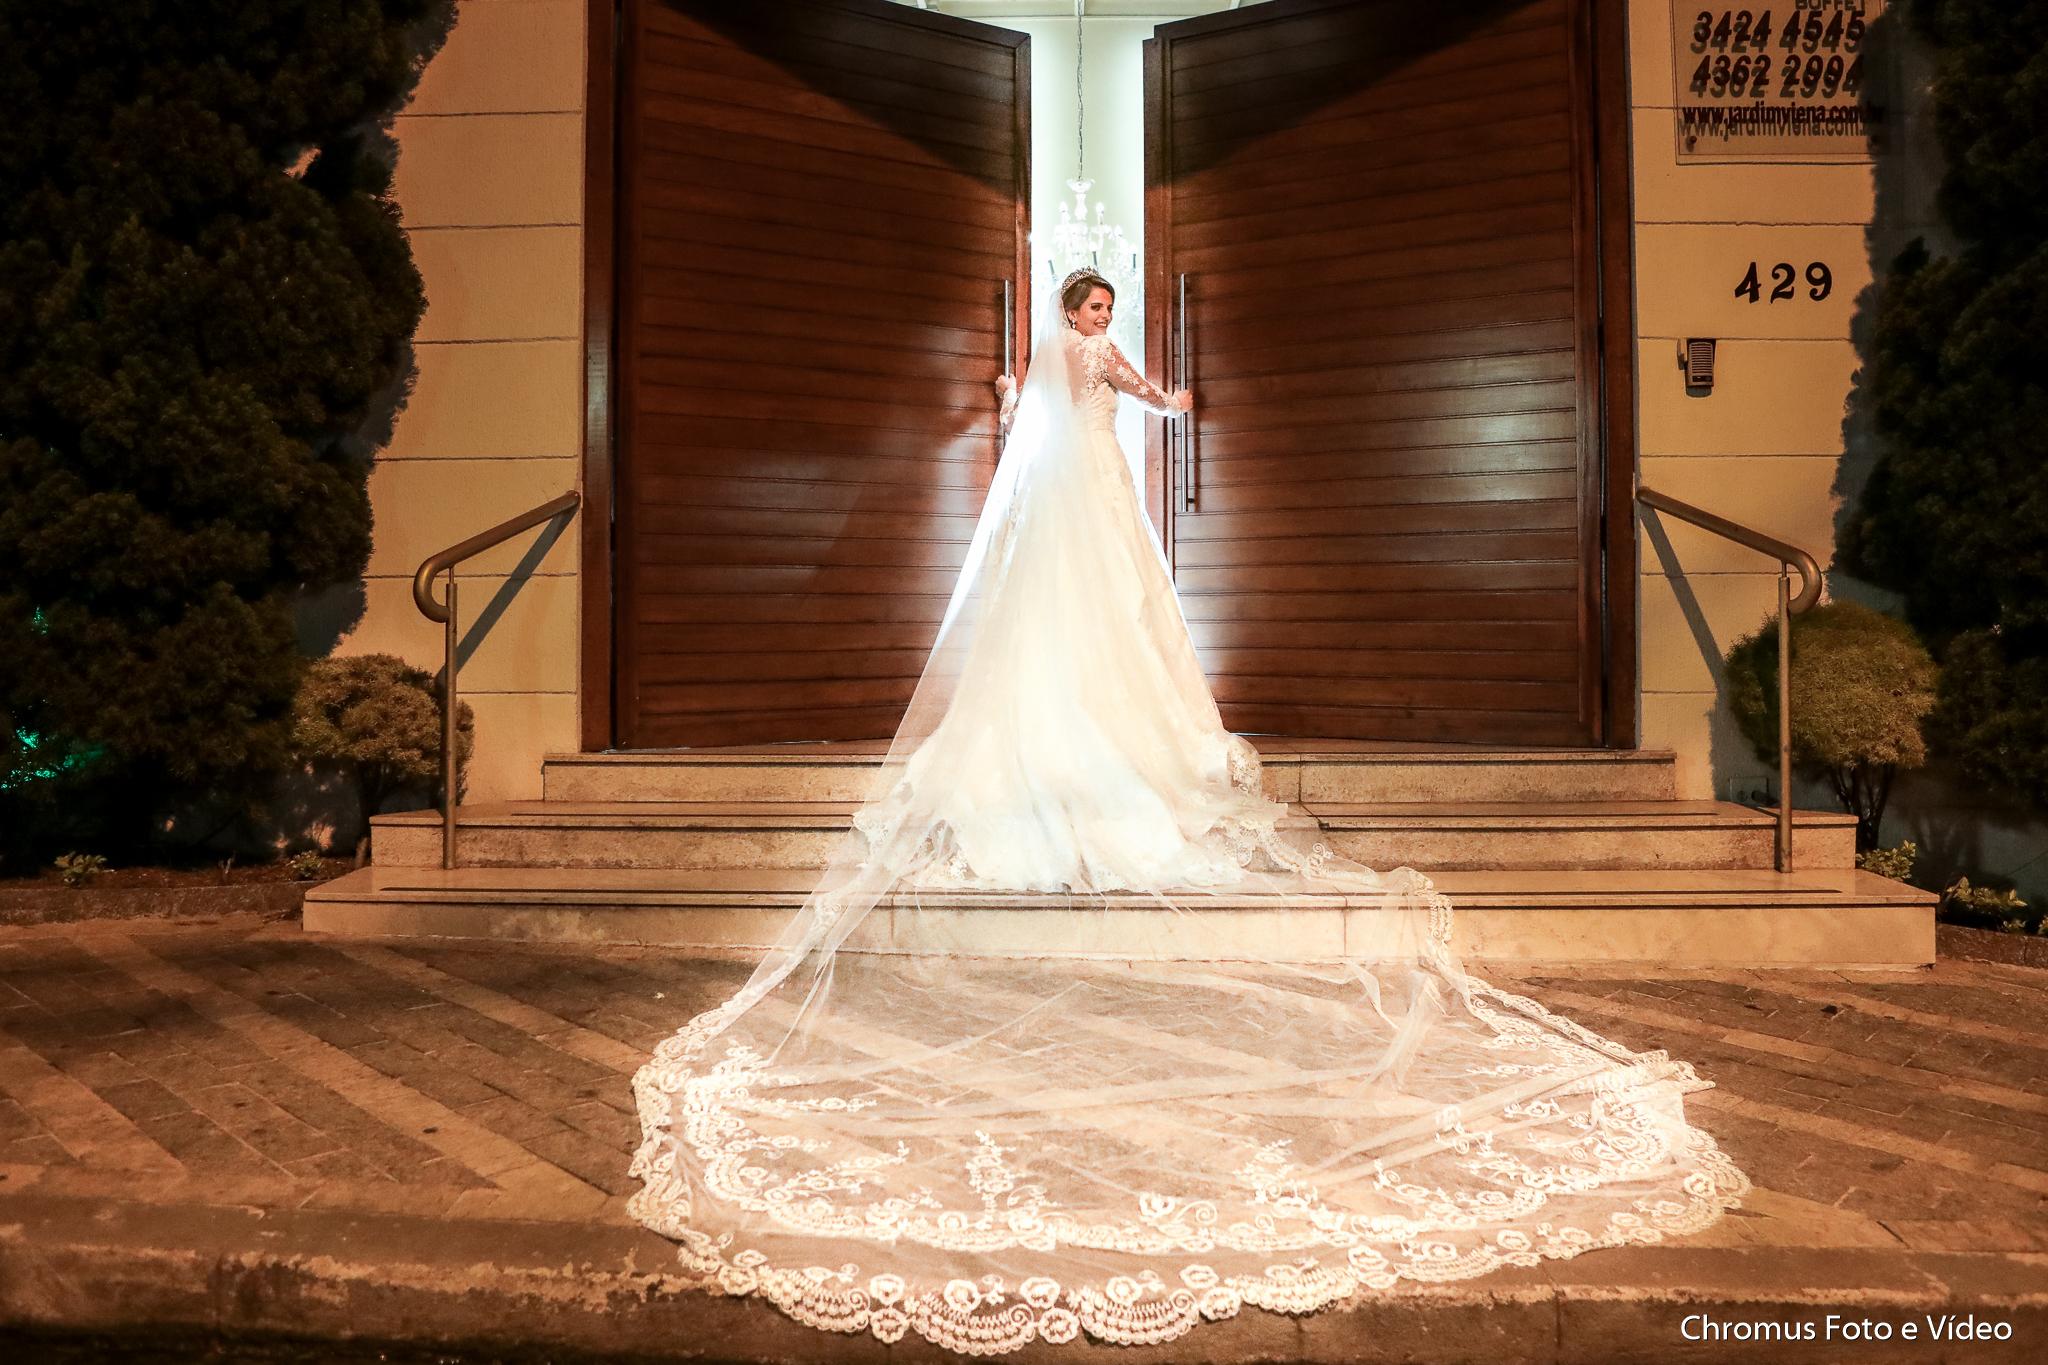 20-casamento-buffet-jardim-viena-rudge-ramos-sao-bernardo-sp-fotografo-chromus-foto-video